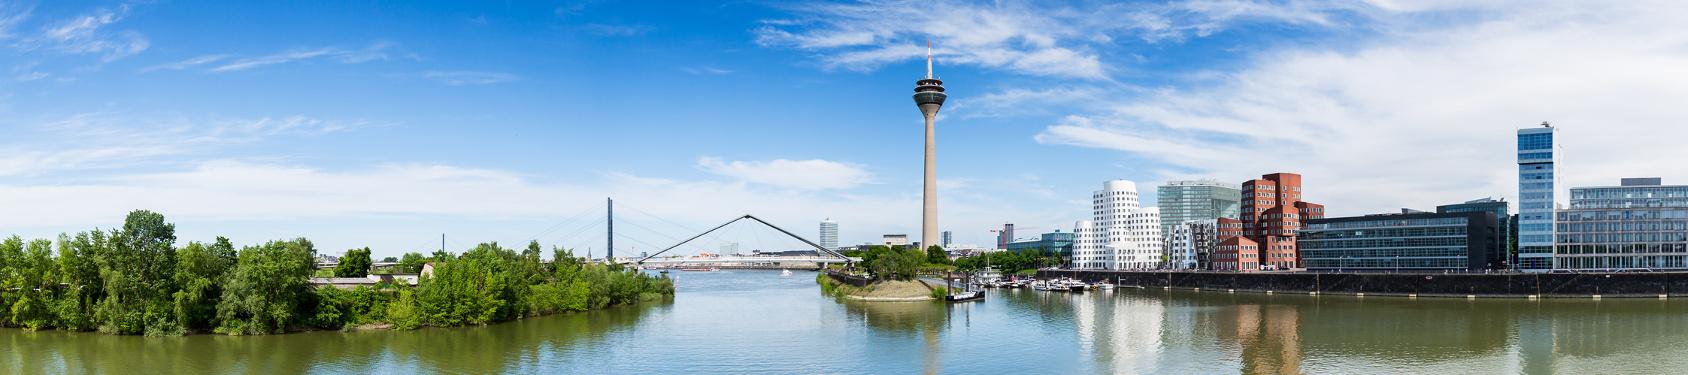 Bild von Düsseldorf